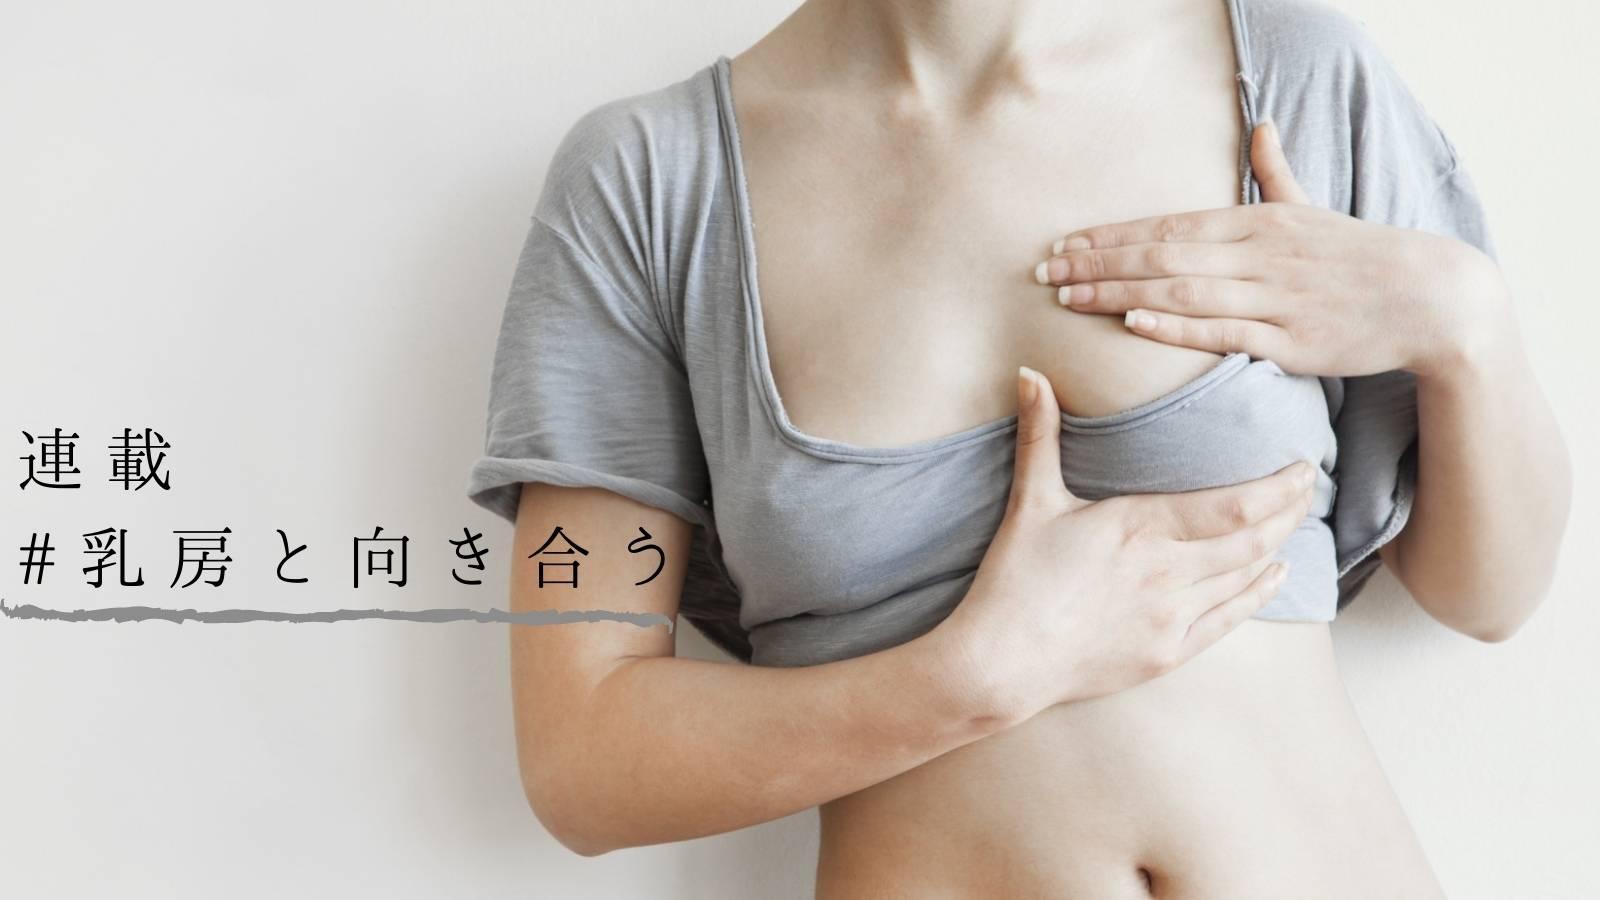 頻度は?どう触る?意外と知らない「乳房セルフチェック」乳腺科医が勧める正しいやり方